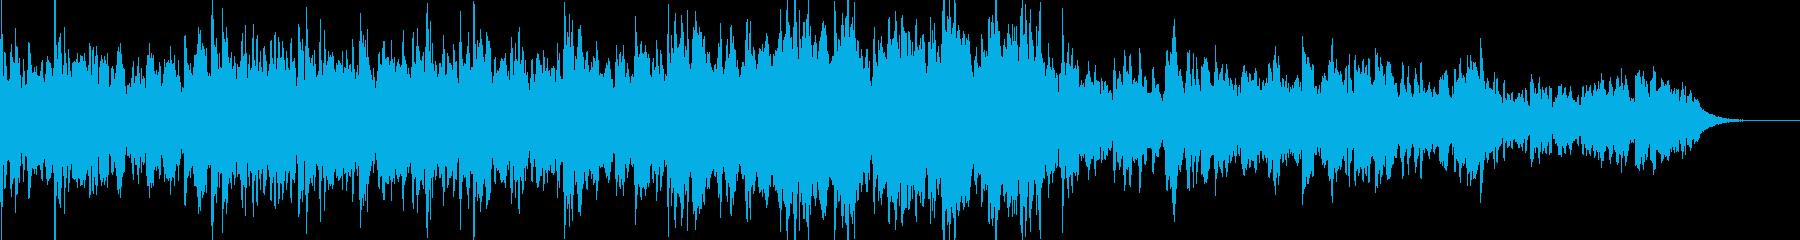 虹のイメージとお告げの曲/占い・タロットの再生済みの波形